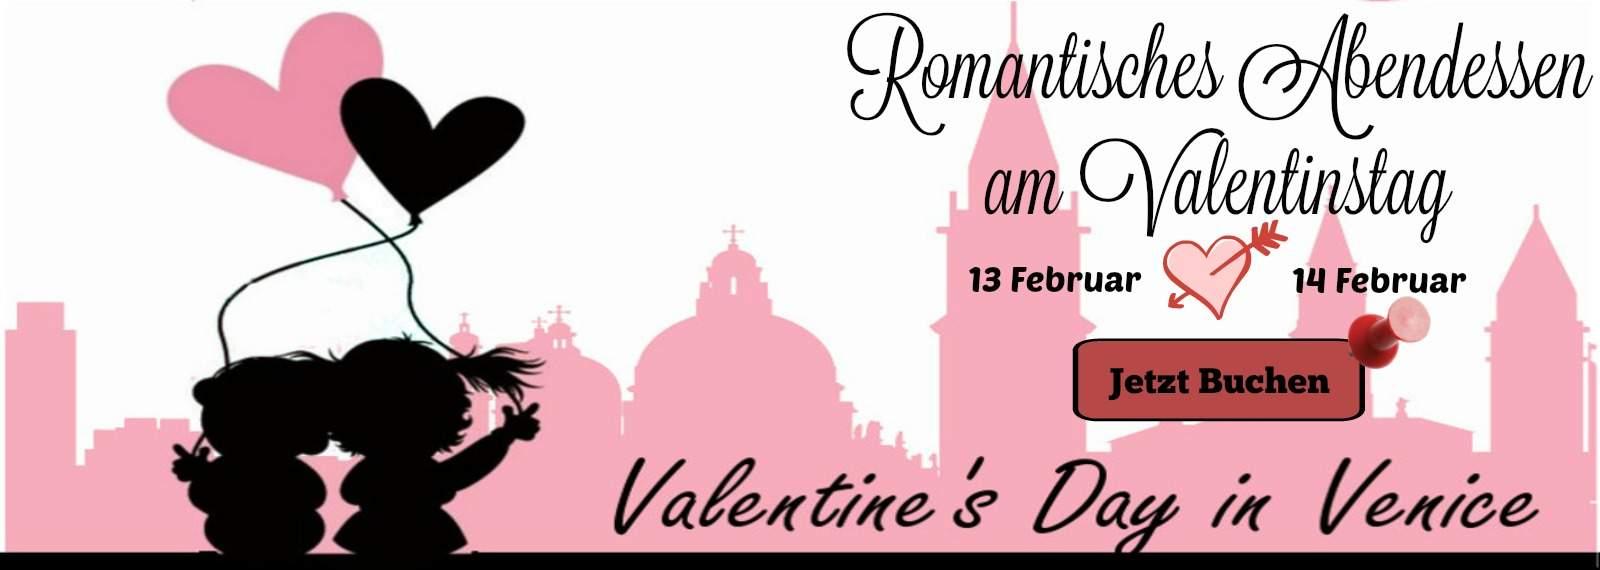 Romantisches Abendessen am Valentinstag